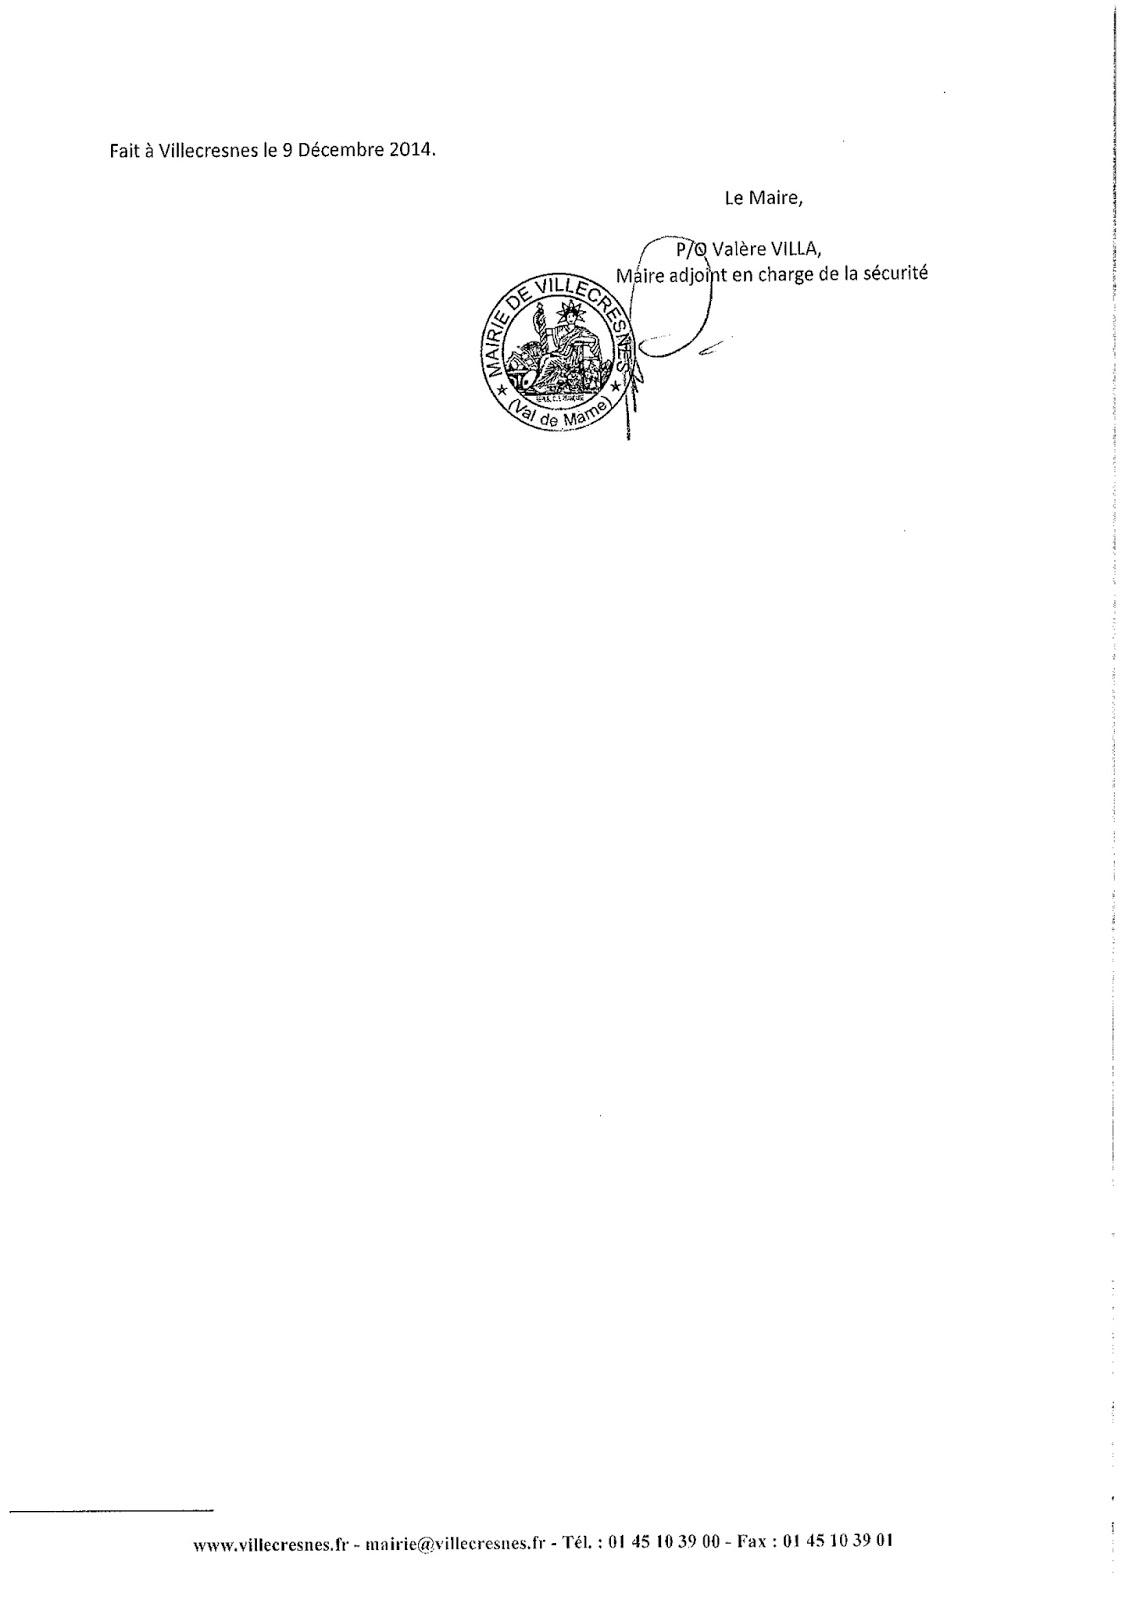 2014-115 Réglementation sur l'interdiction de stationner sur le parking de la cour de la mairie